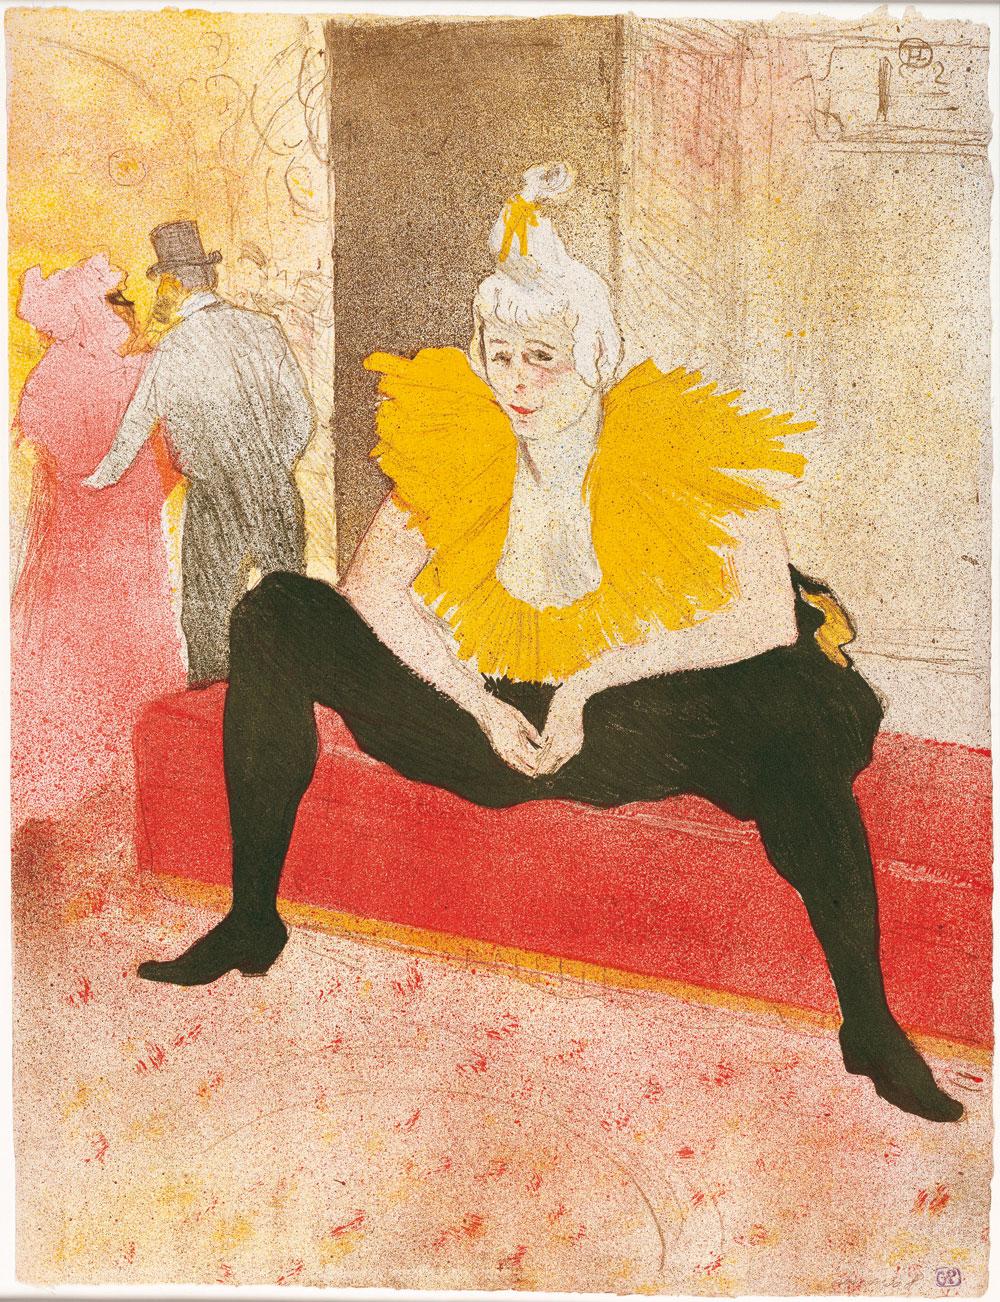 A ottobre arriverà a Palazzo Reale di Milano Toulouse-Lautrec. ll mondo fuggevole